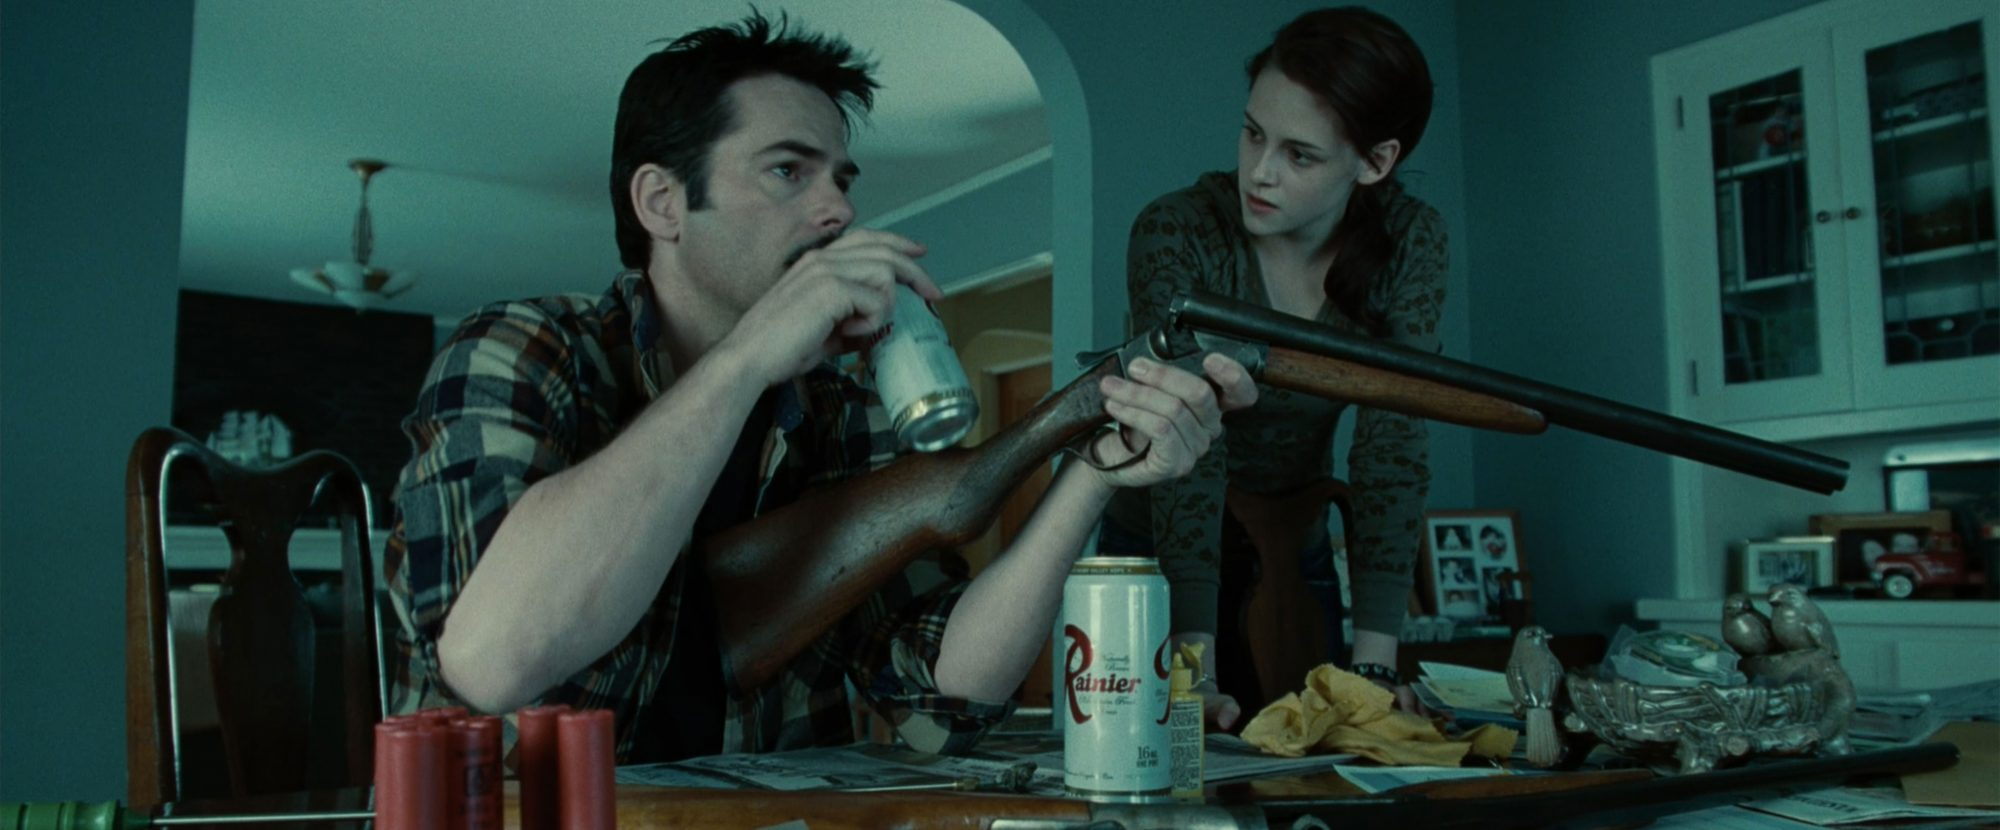 Twilight (2008) (screen grab)Billy Burke and Kristen Stewart CR: Summit